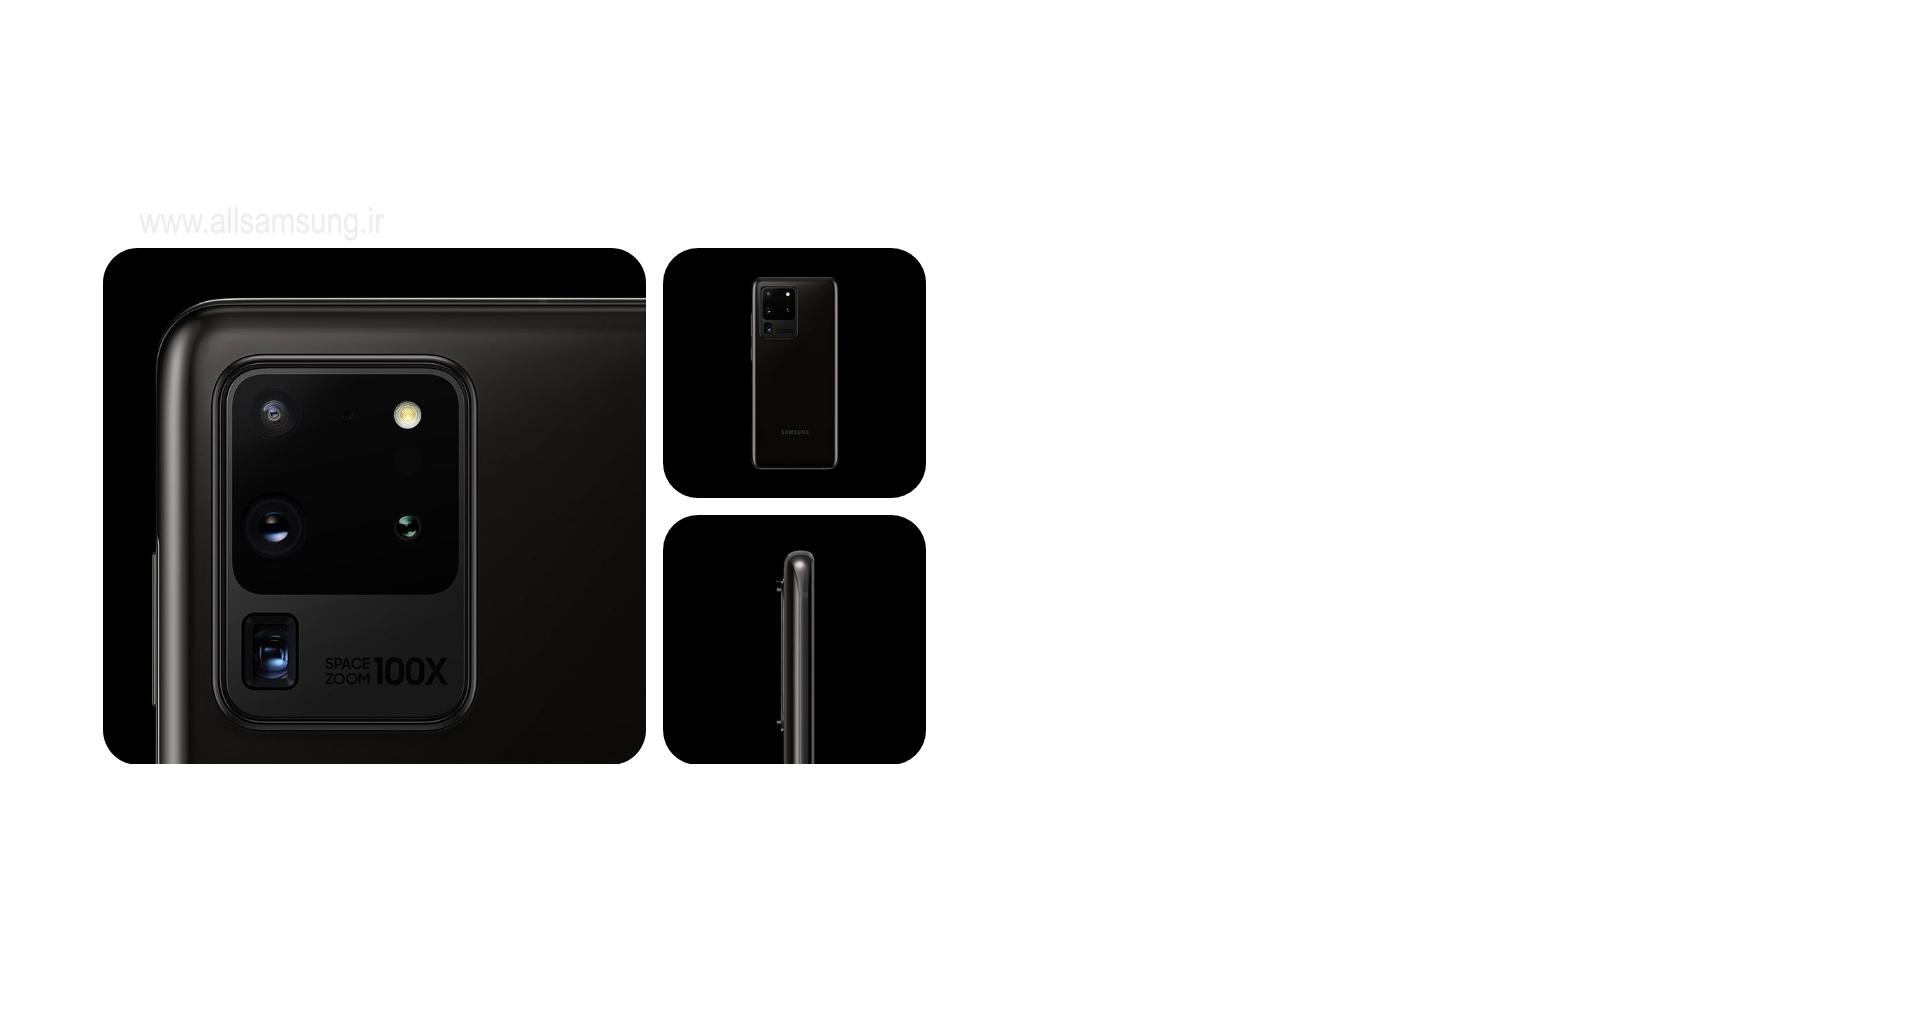 گوشی اس 20 اولترا طراحی شده با سیستم کاملا جدید دوربین